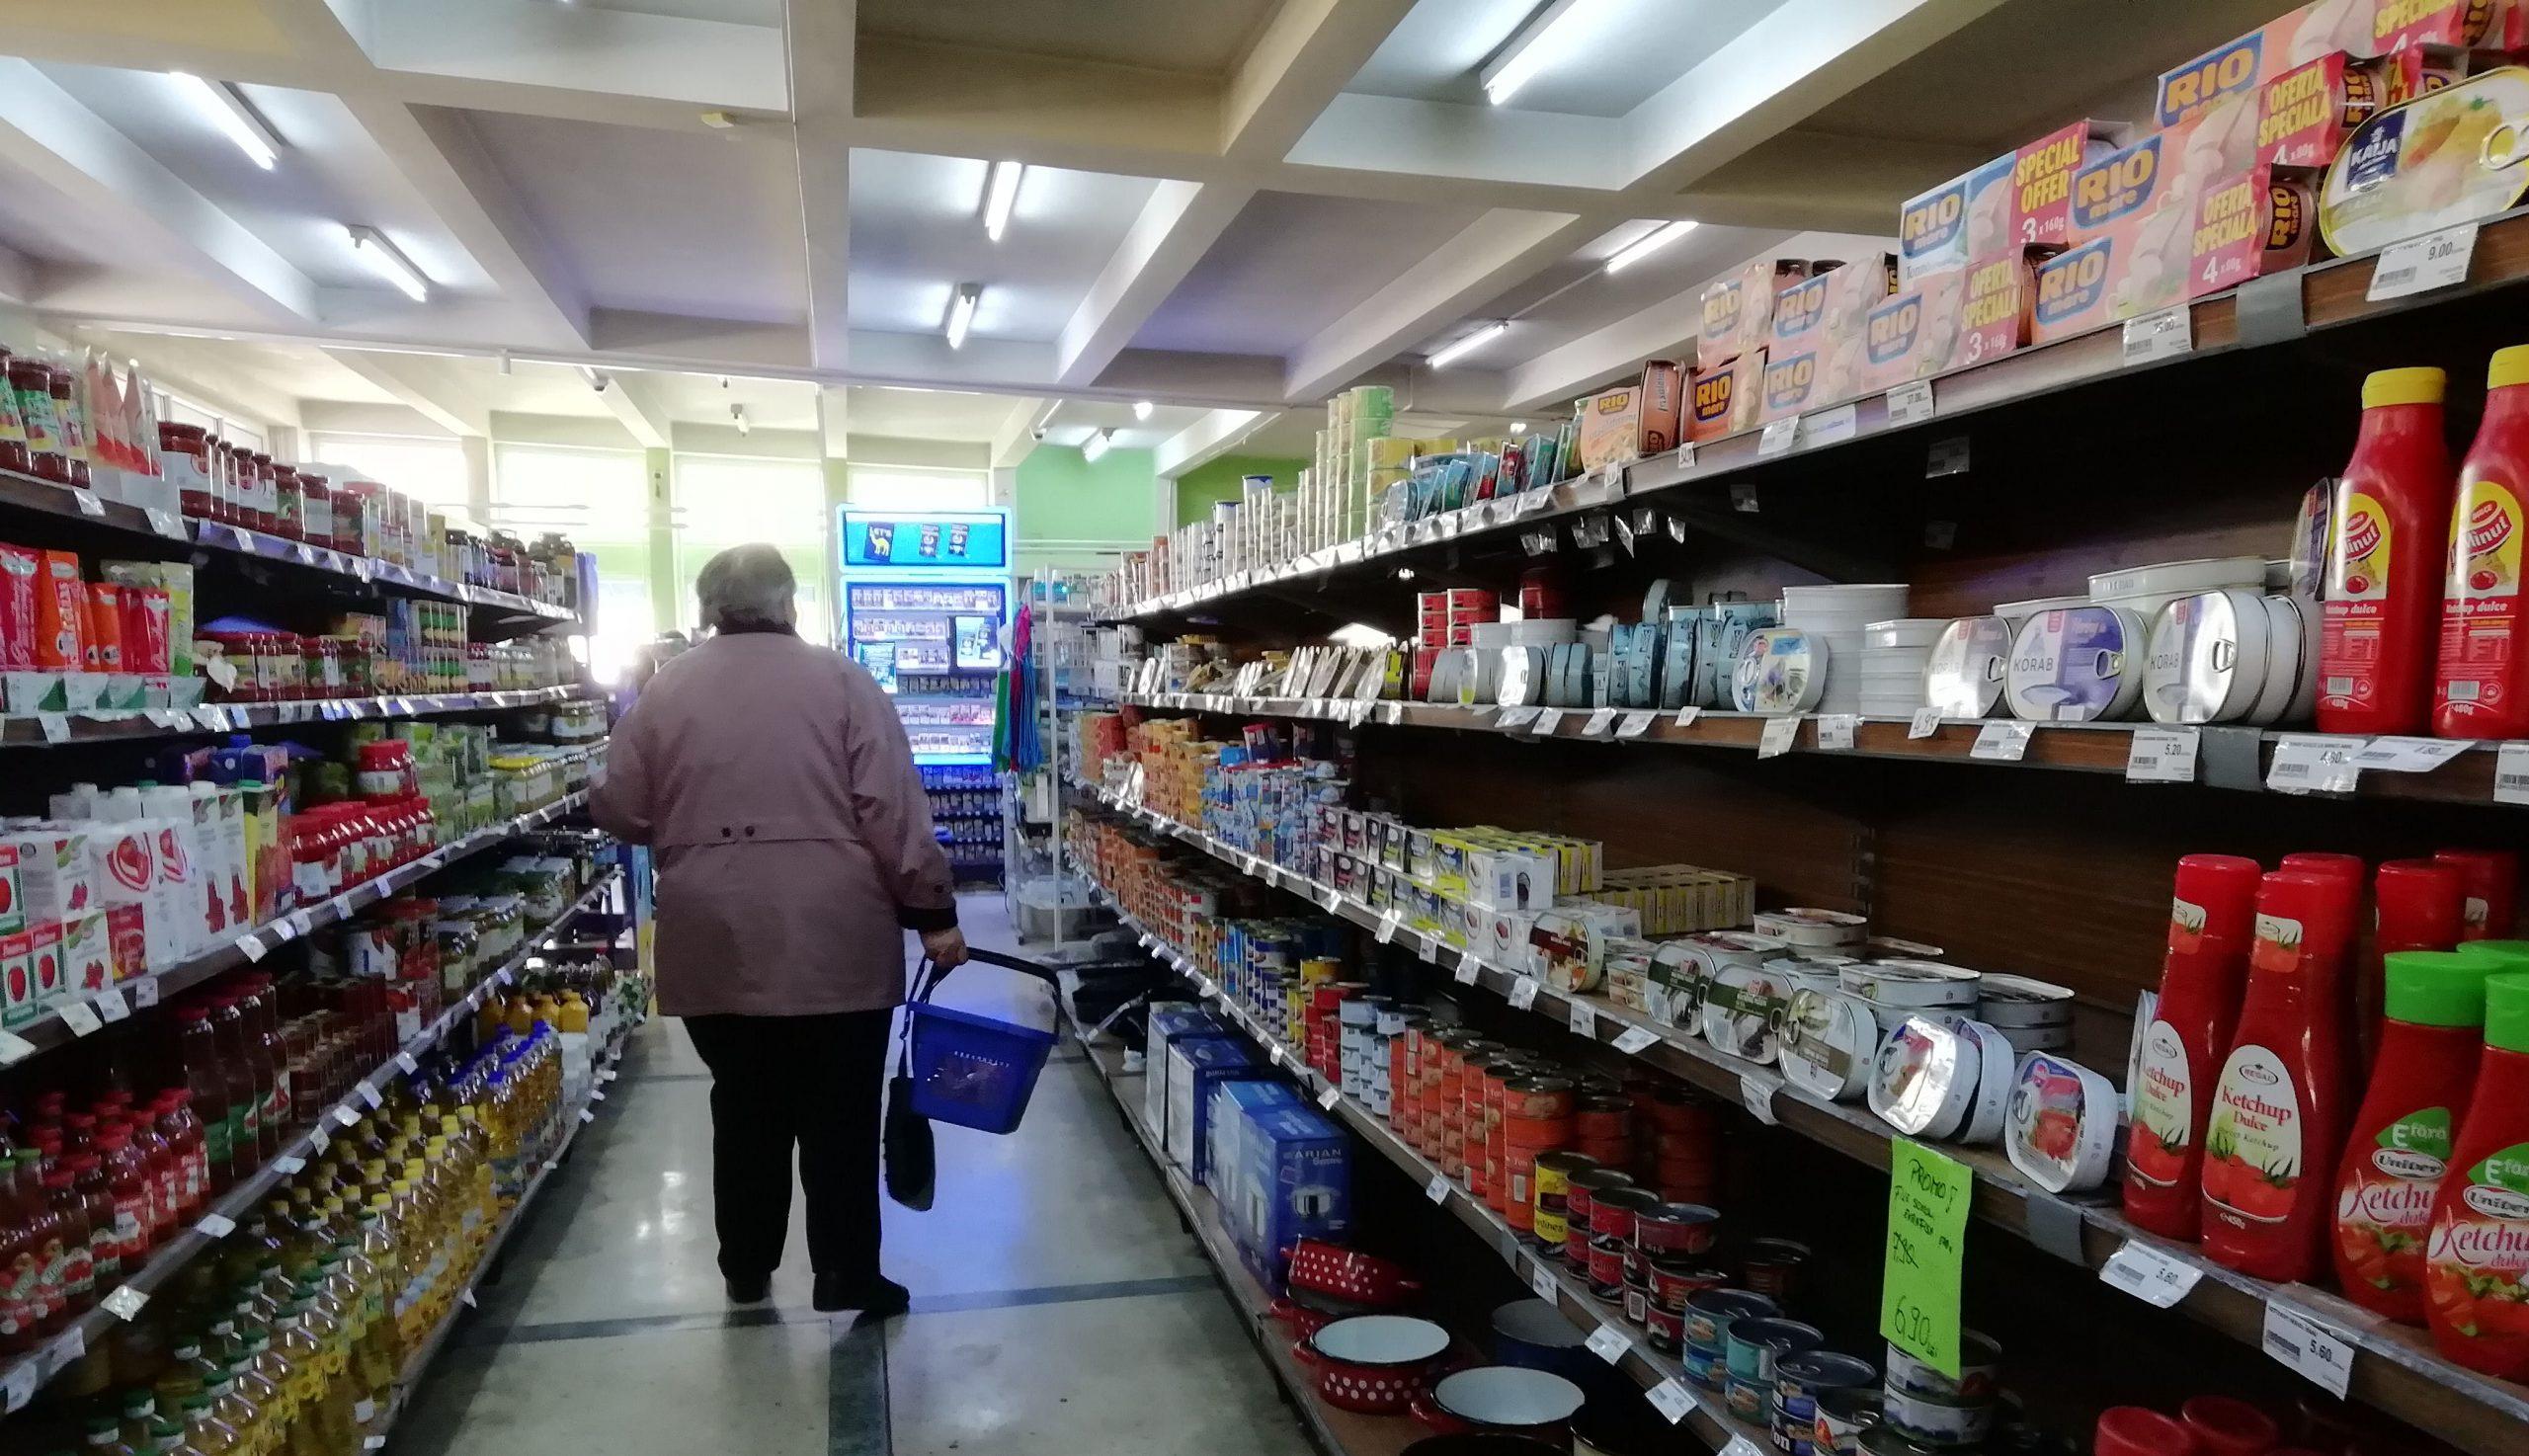 Óvintézkedések a boltokban